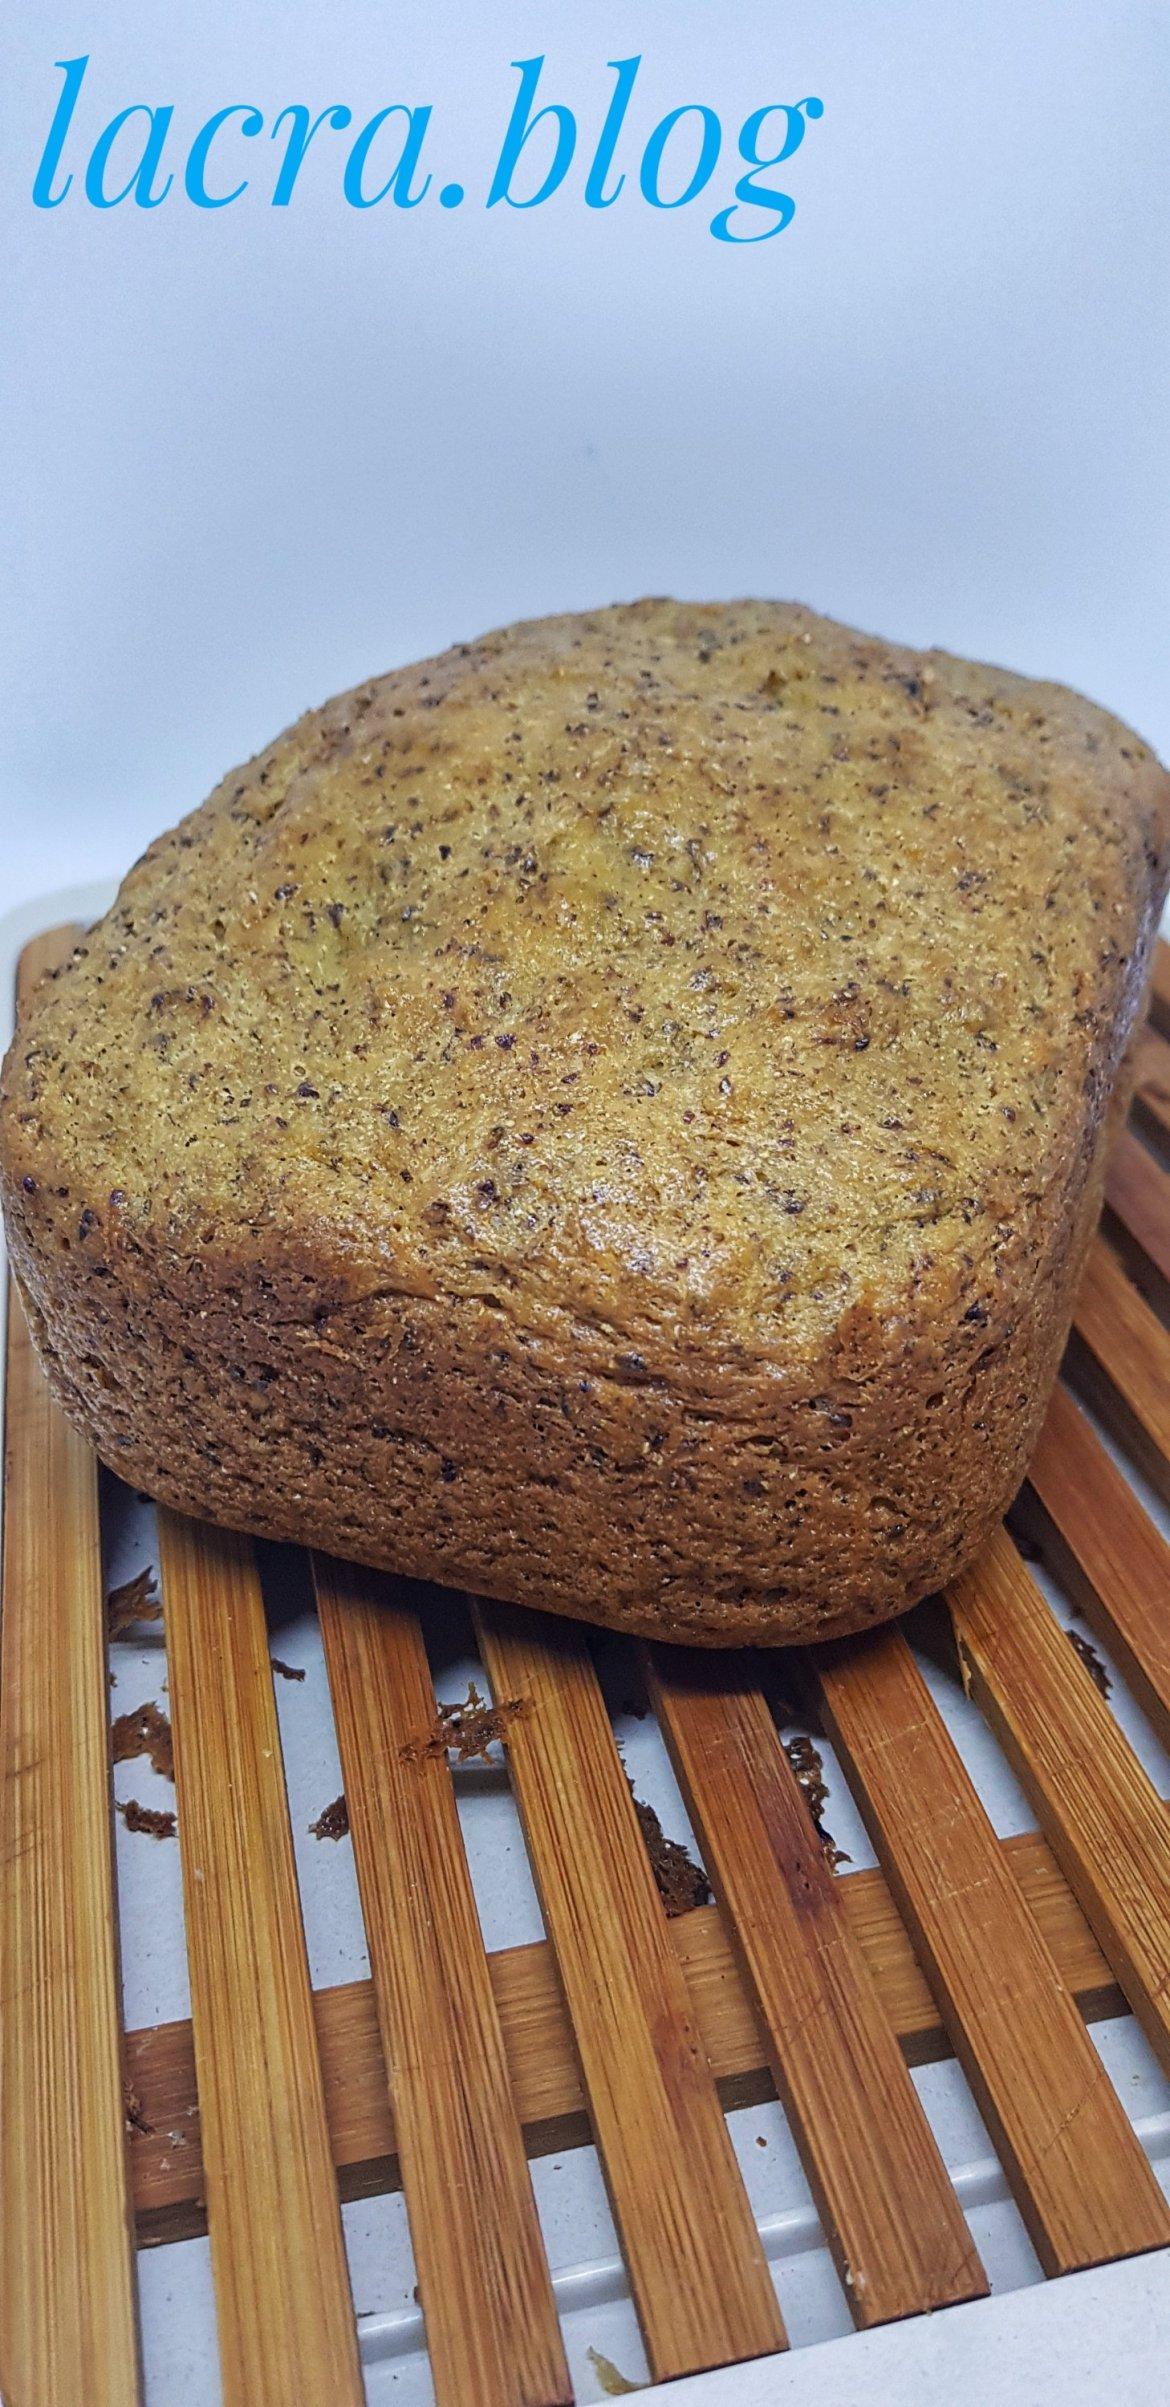 Pâine cu ghee la mașina de pâine